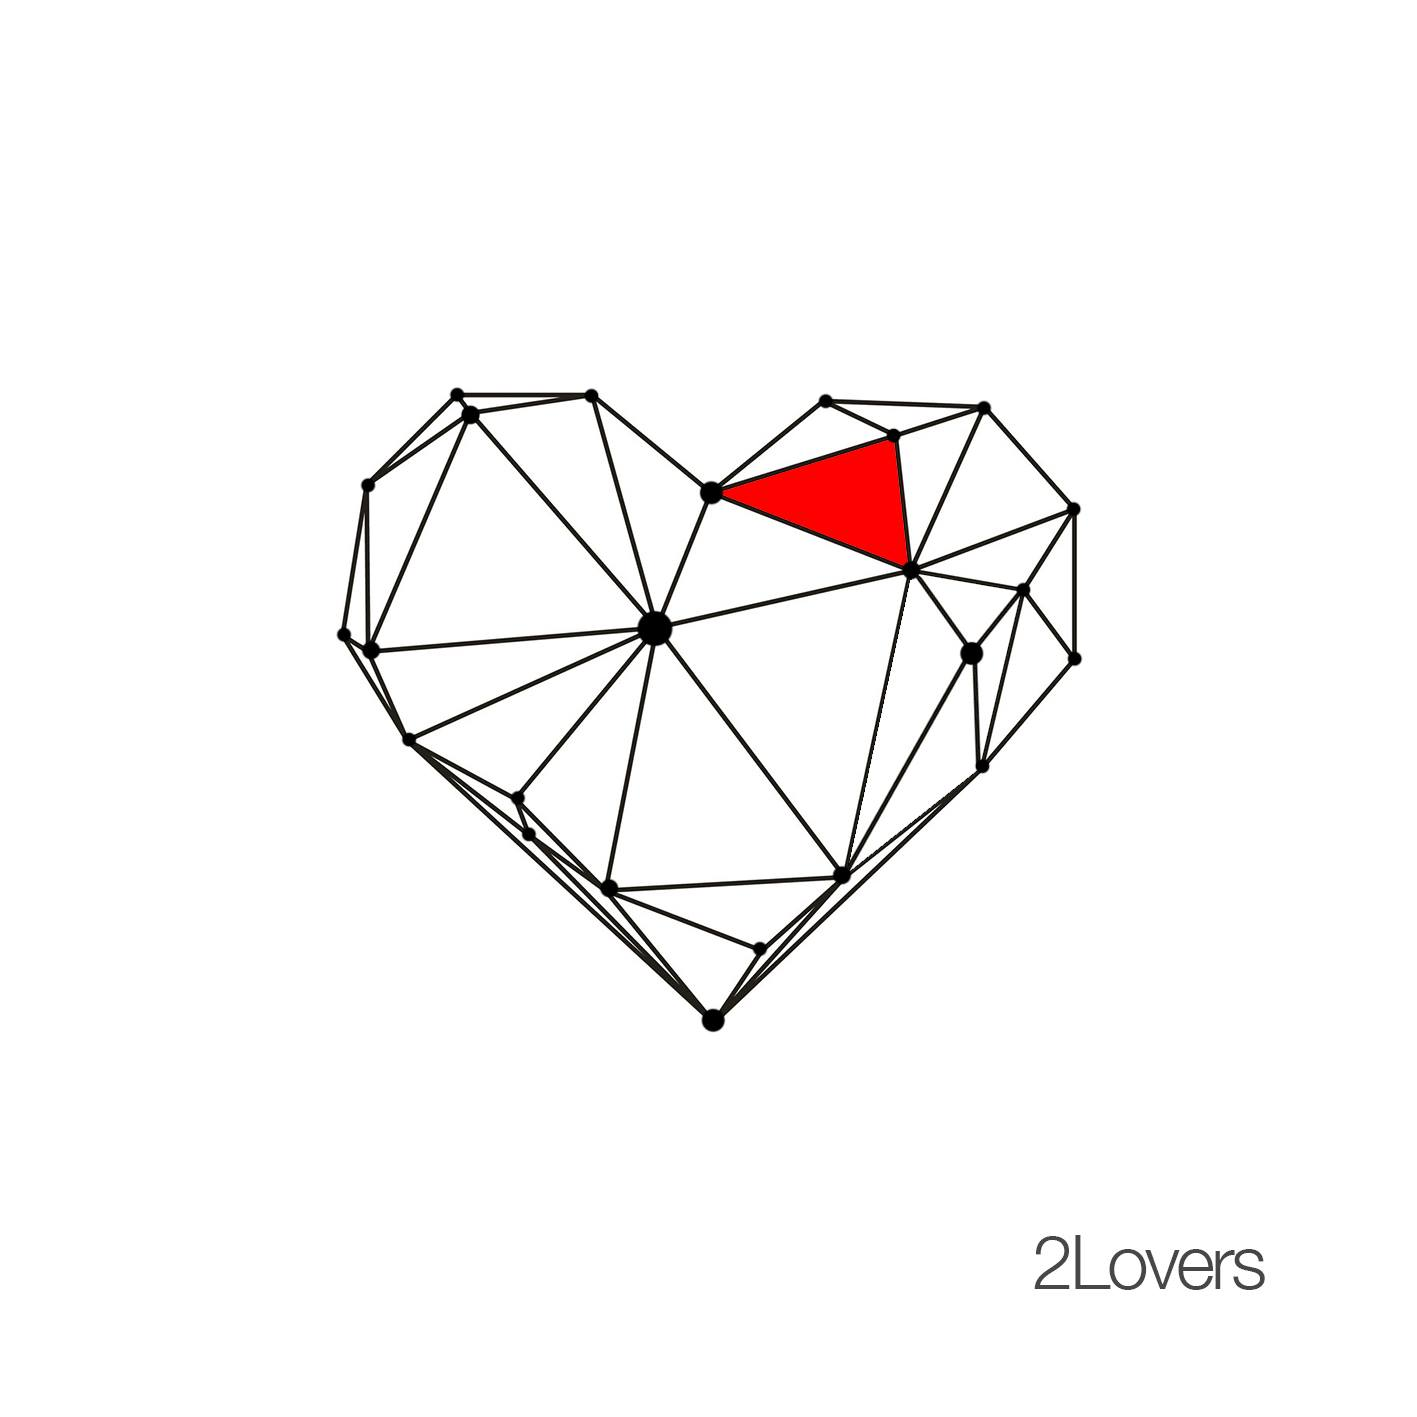 Lofelive presenta '2Lovers', single adelanto de su nuevo disco 'Antiartic'